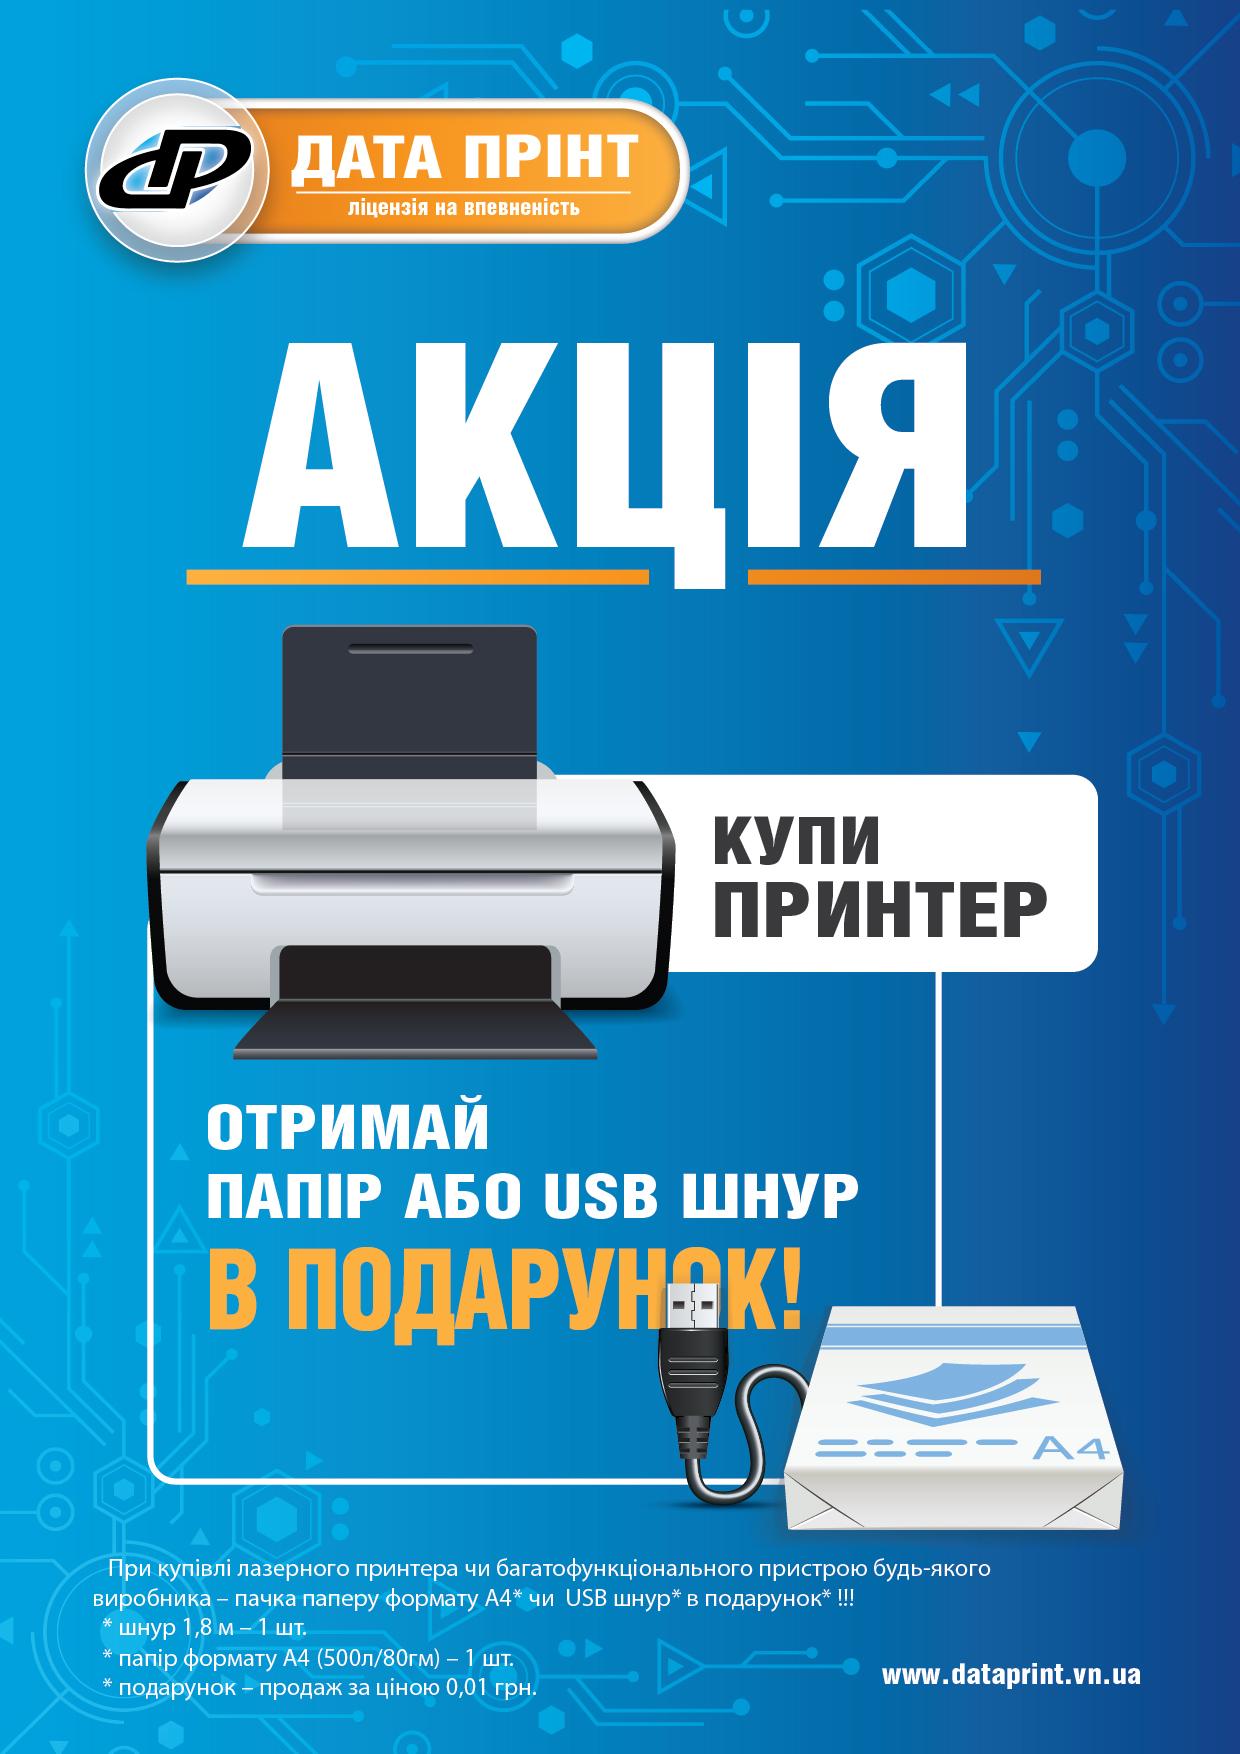 Пачка бумаги или USB кабель в подарок !!!